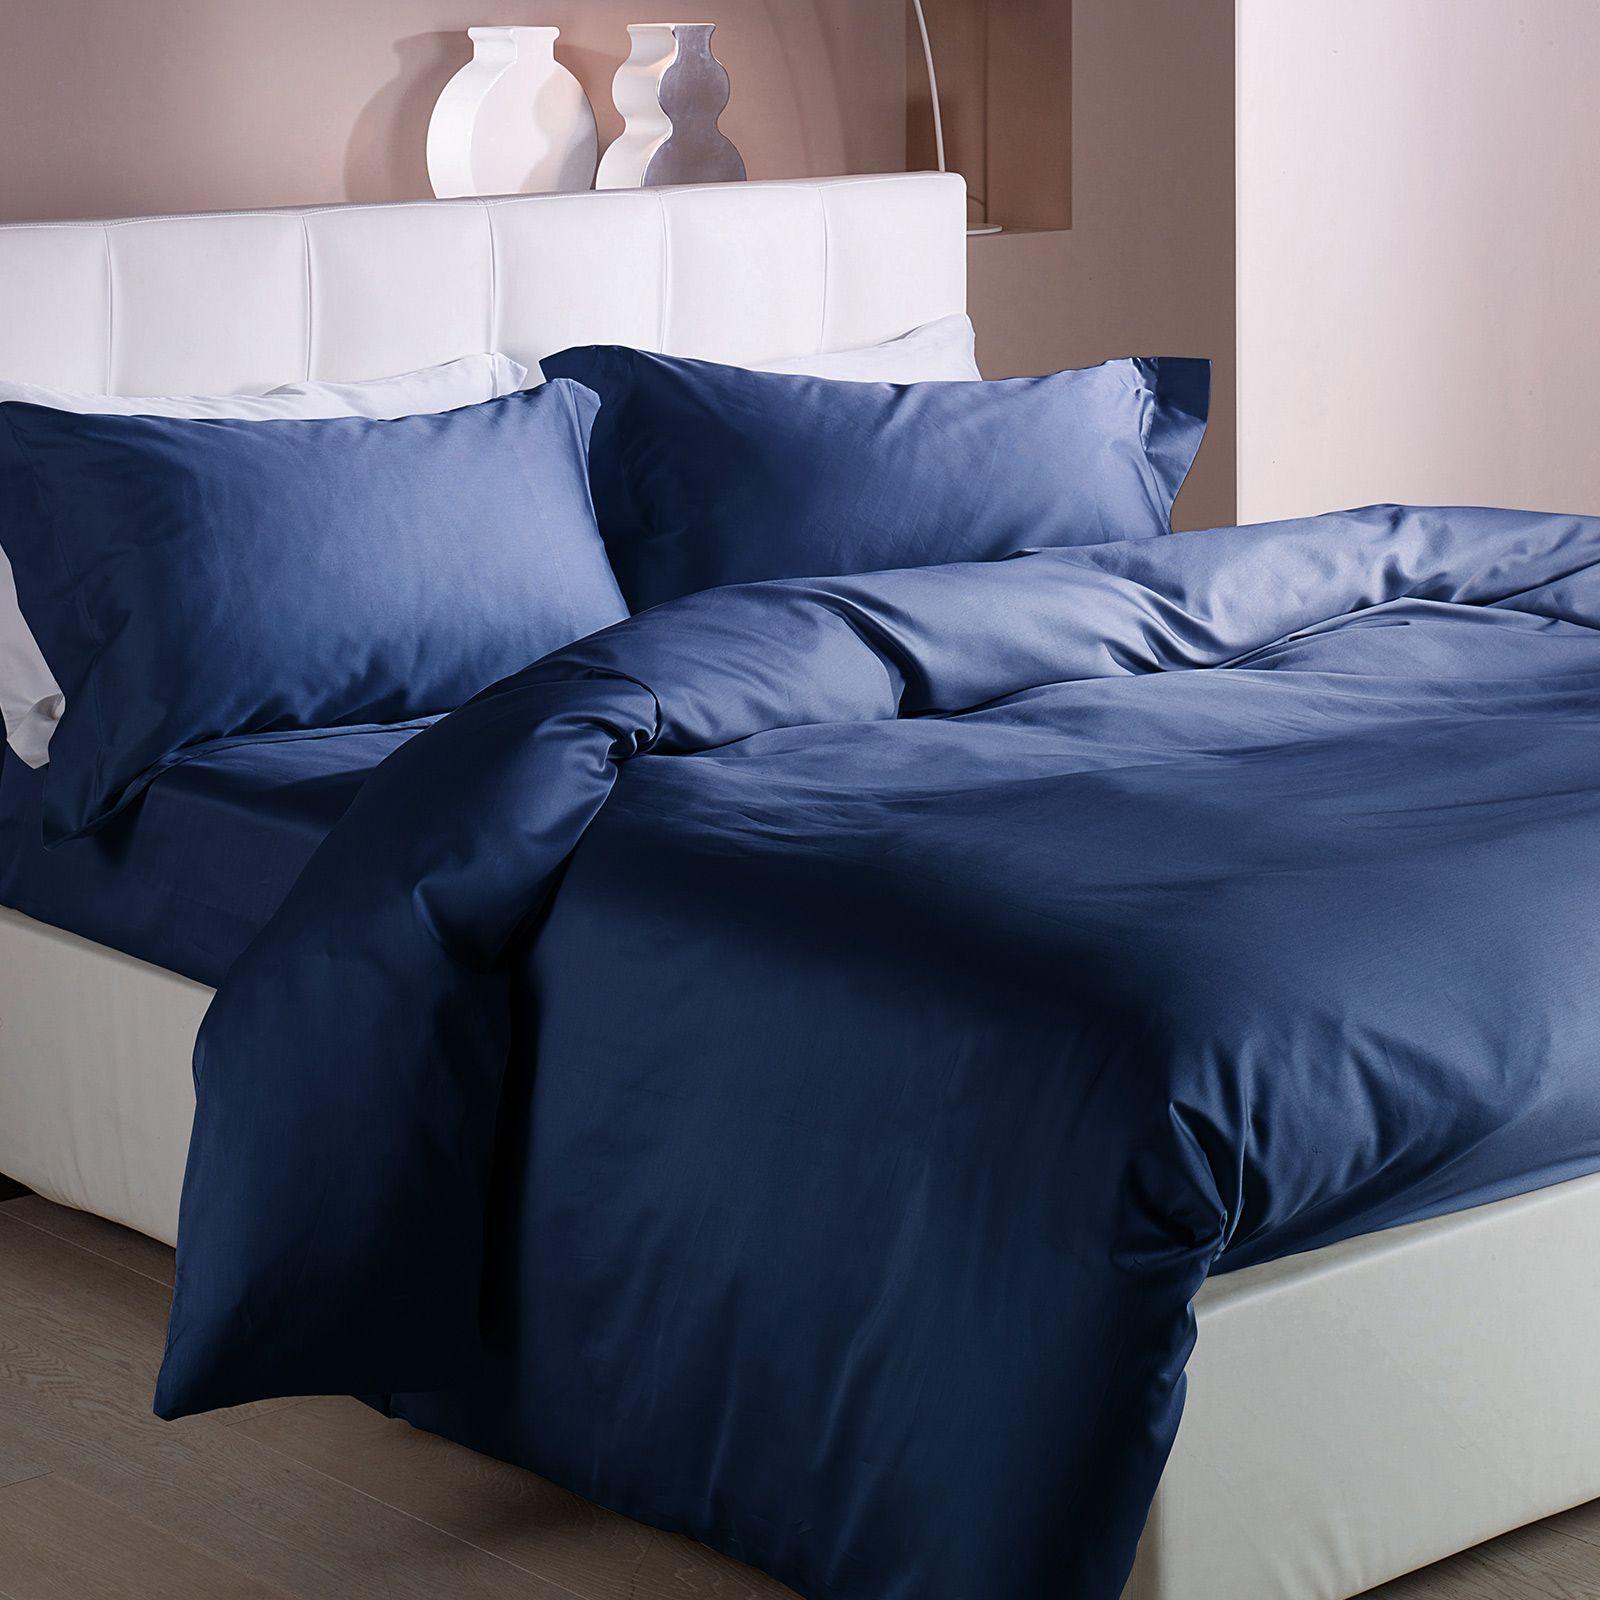 Простыни на резинке Простыня на резинке 180x200 Сaleffi Tinta Unito с бордюром темно-синяя prostynya-na-rezinke-saleffi-raso-tinta-unito-s-bordyurom-satin-temno-sinyaya-italiya.jpg